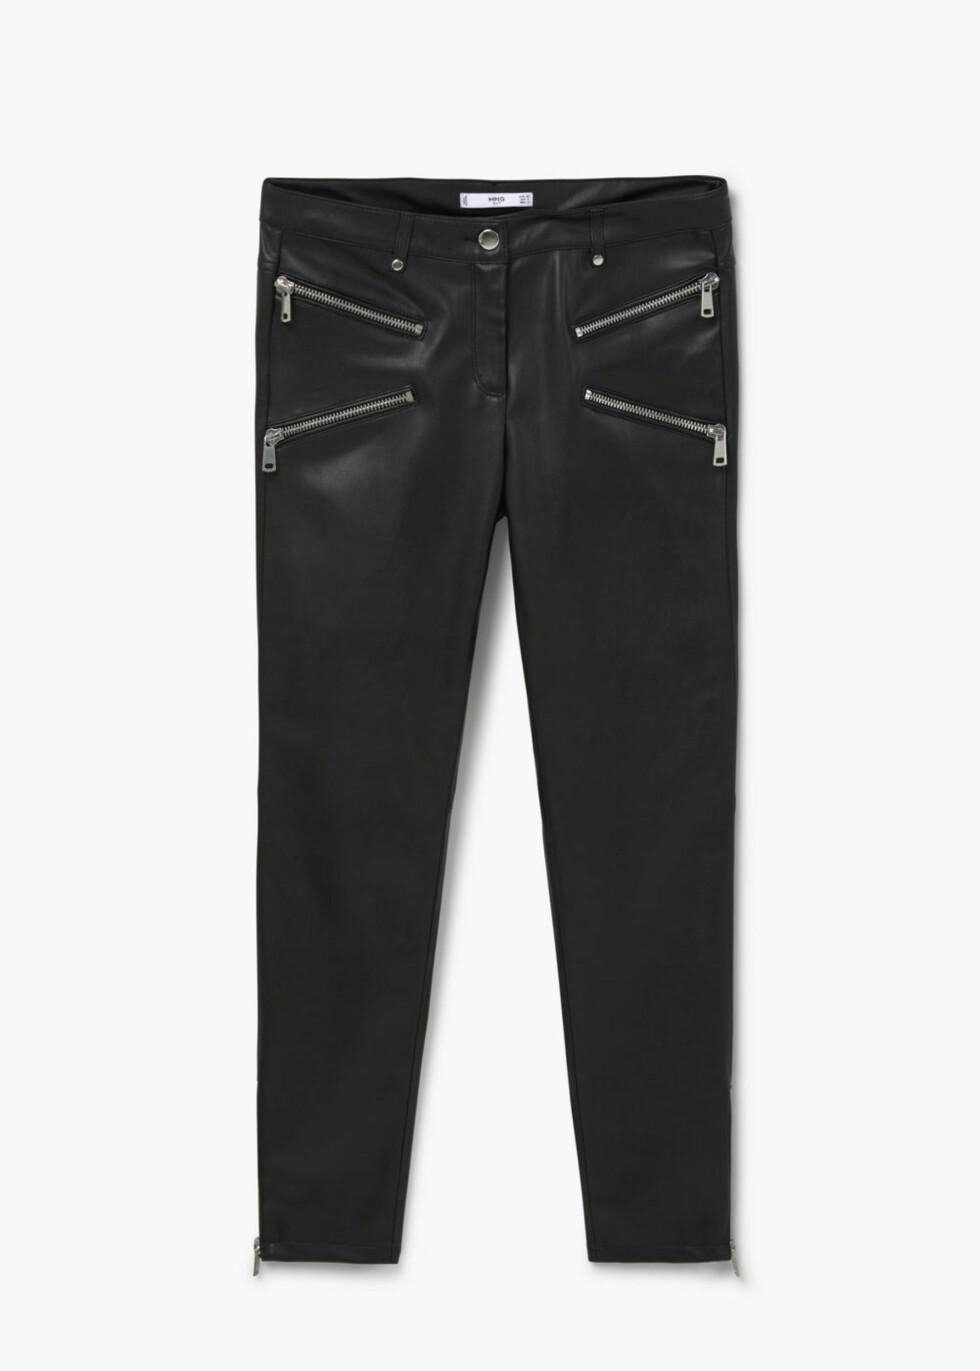 Bukse fra Mango, kr 549. Foto: Produsenten